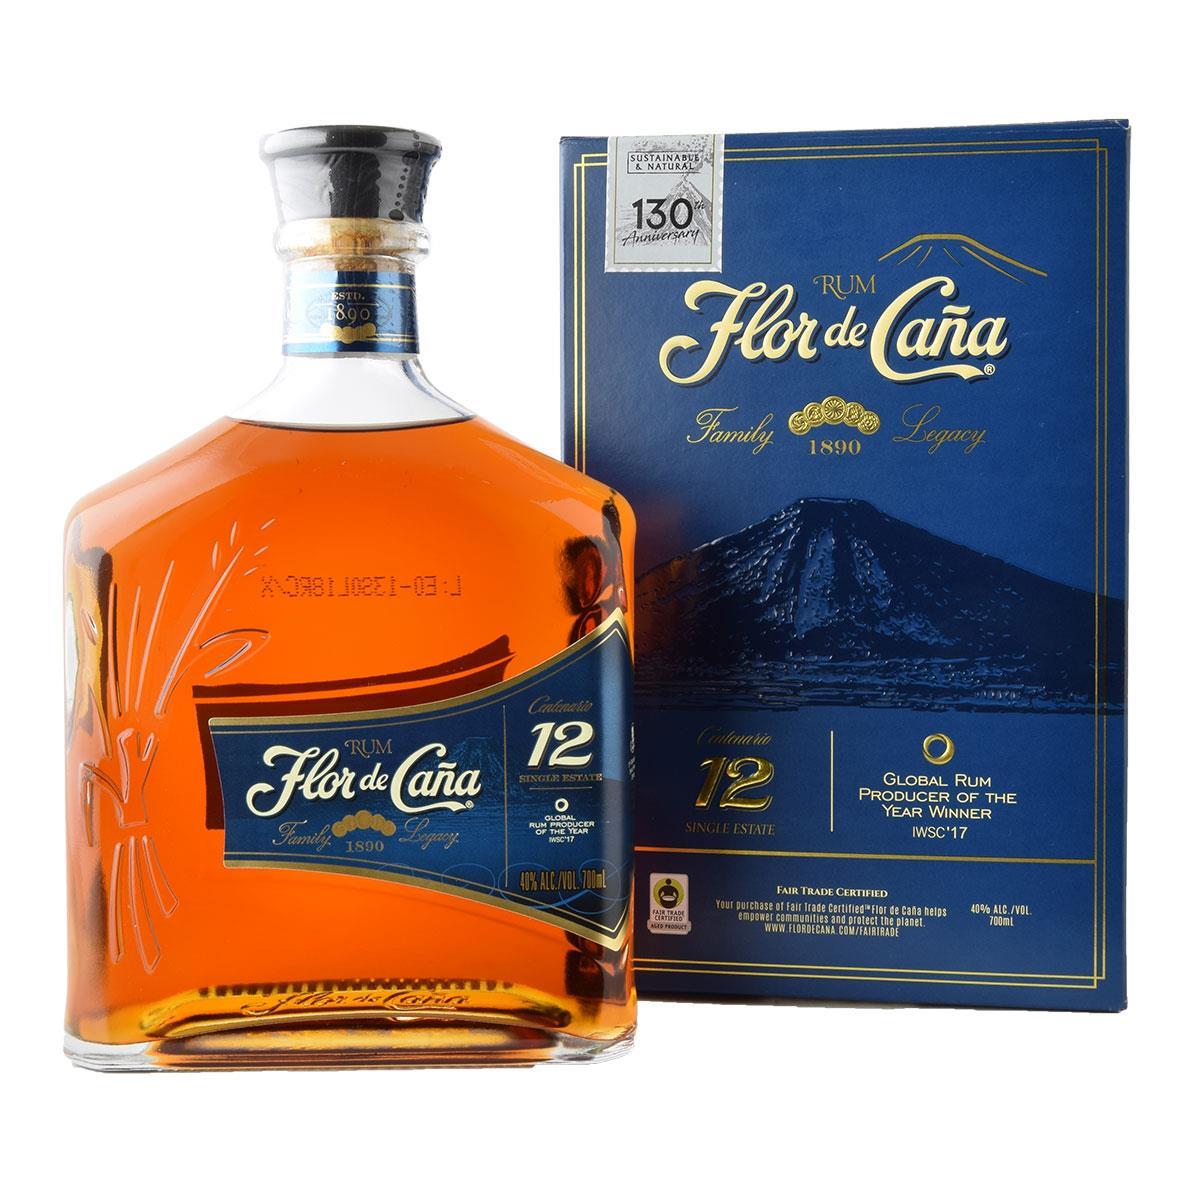 Flor de Cana Centenario 12 Rum 700ml